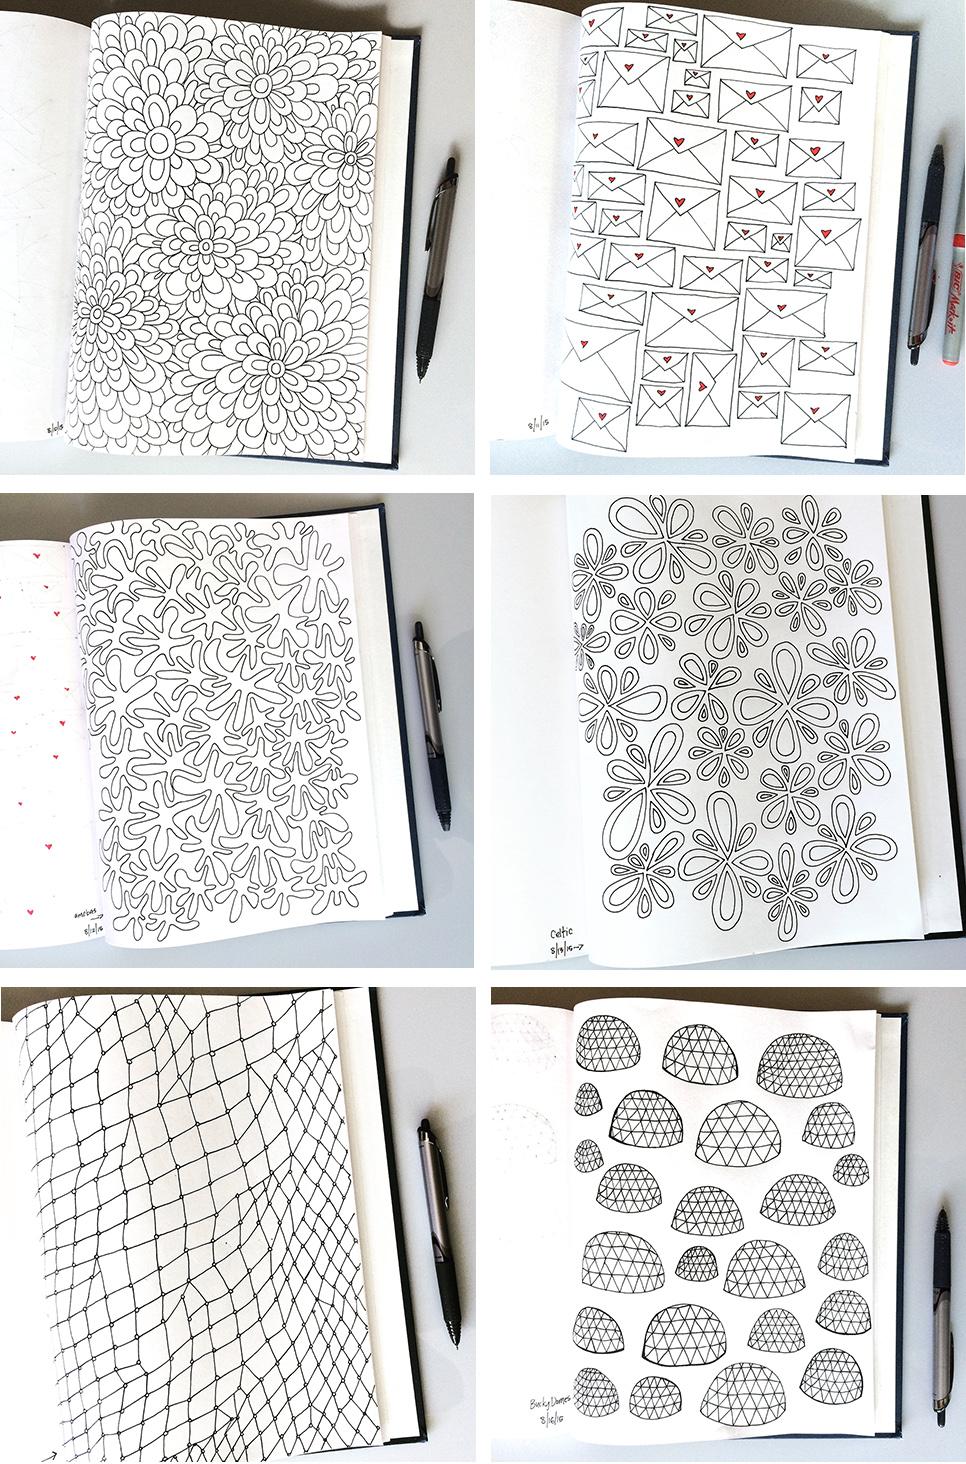 Sketchbook Pattern Drawings Day 19-24